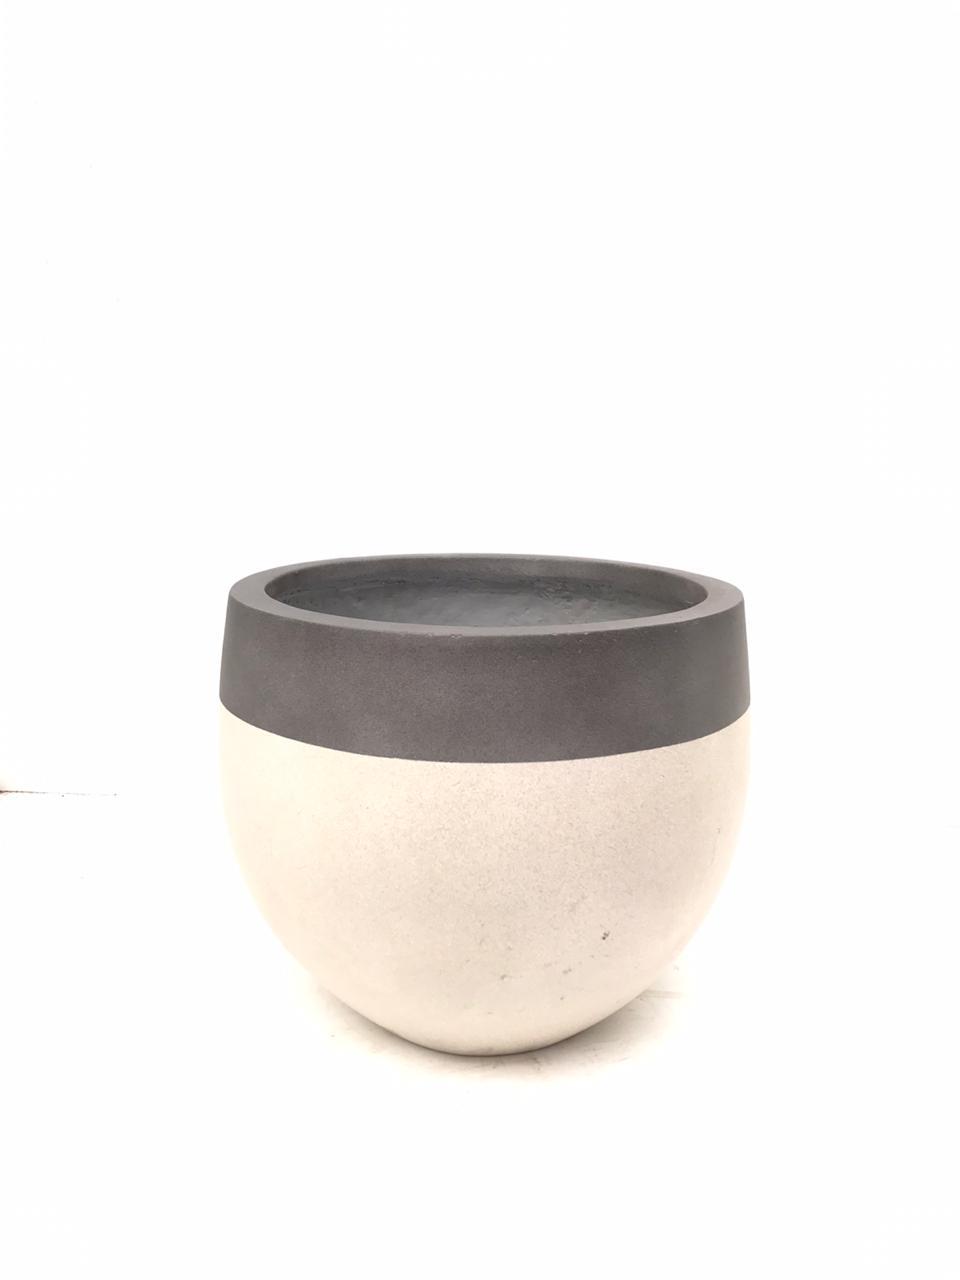 Round Three Quarters Cream Small Pots & Vases